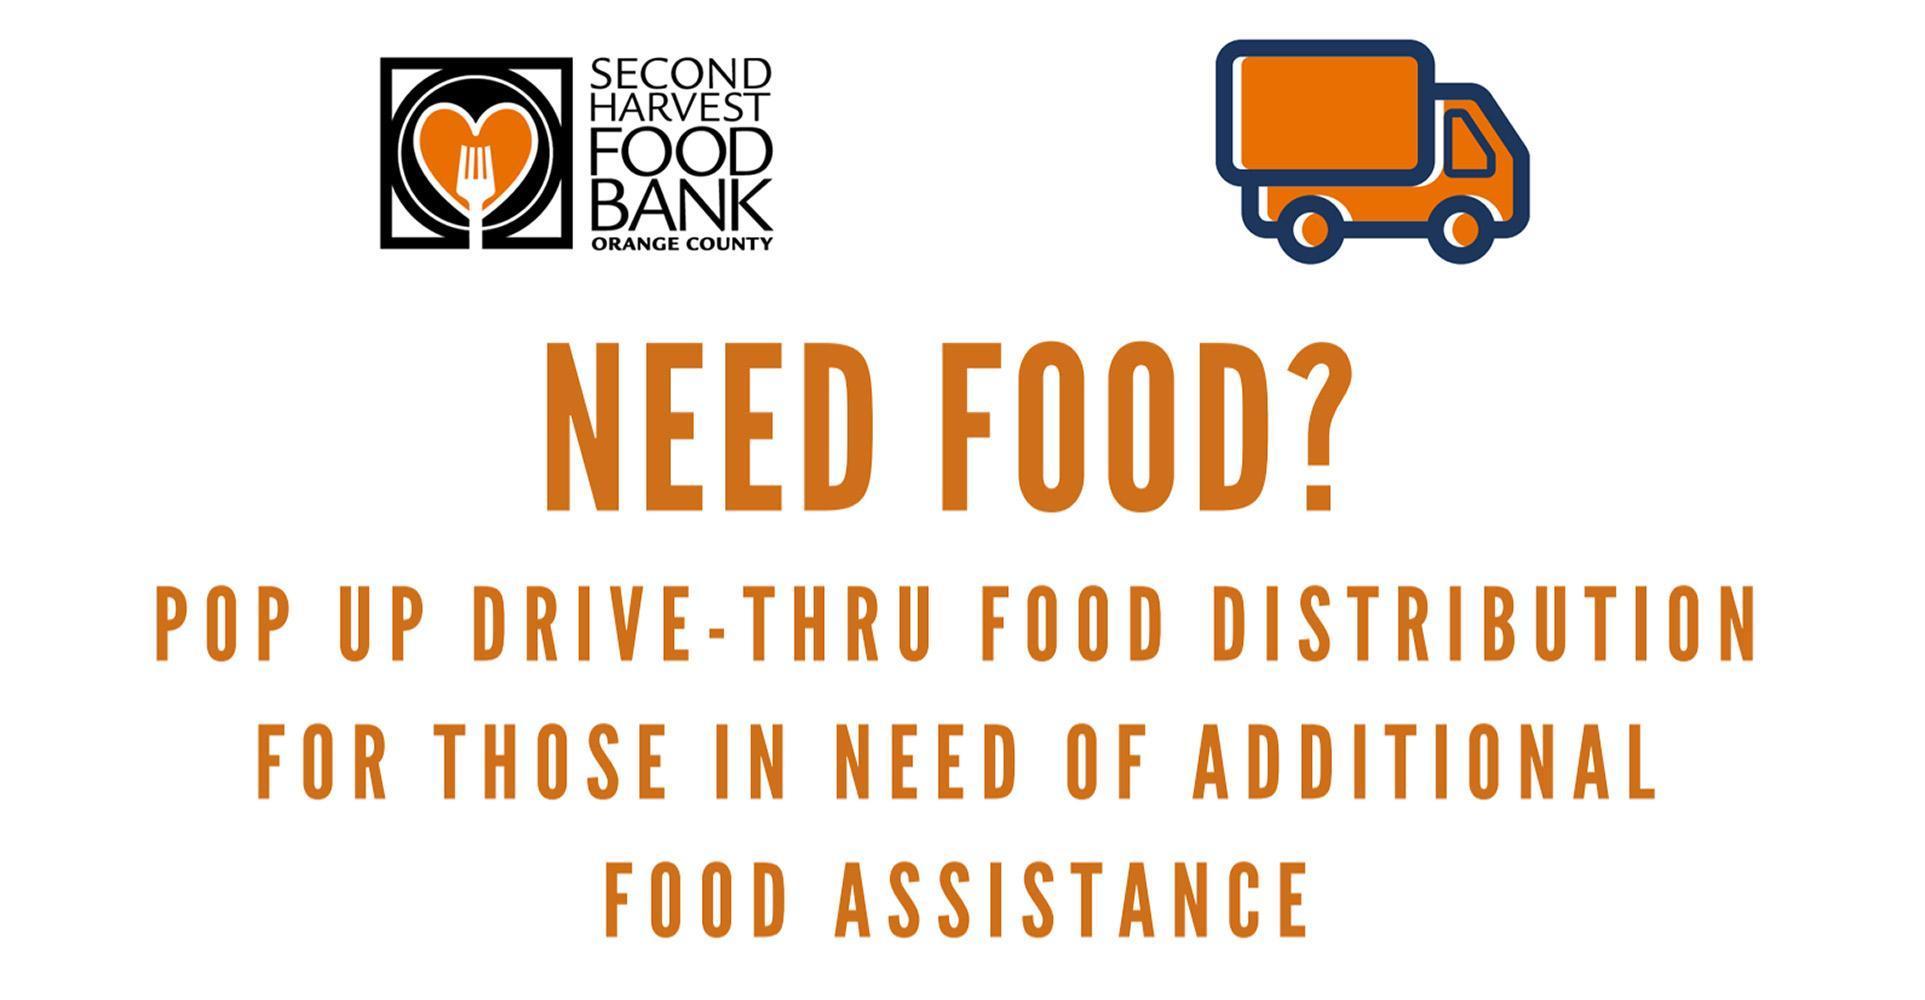 Second Harvest Food Bank: Pop Up Drive-Thru Food Distribution